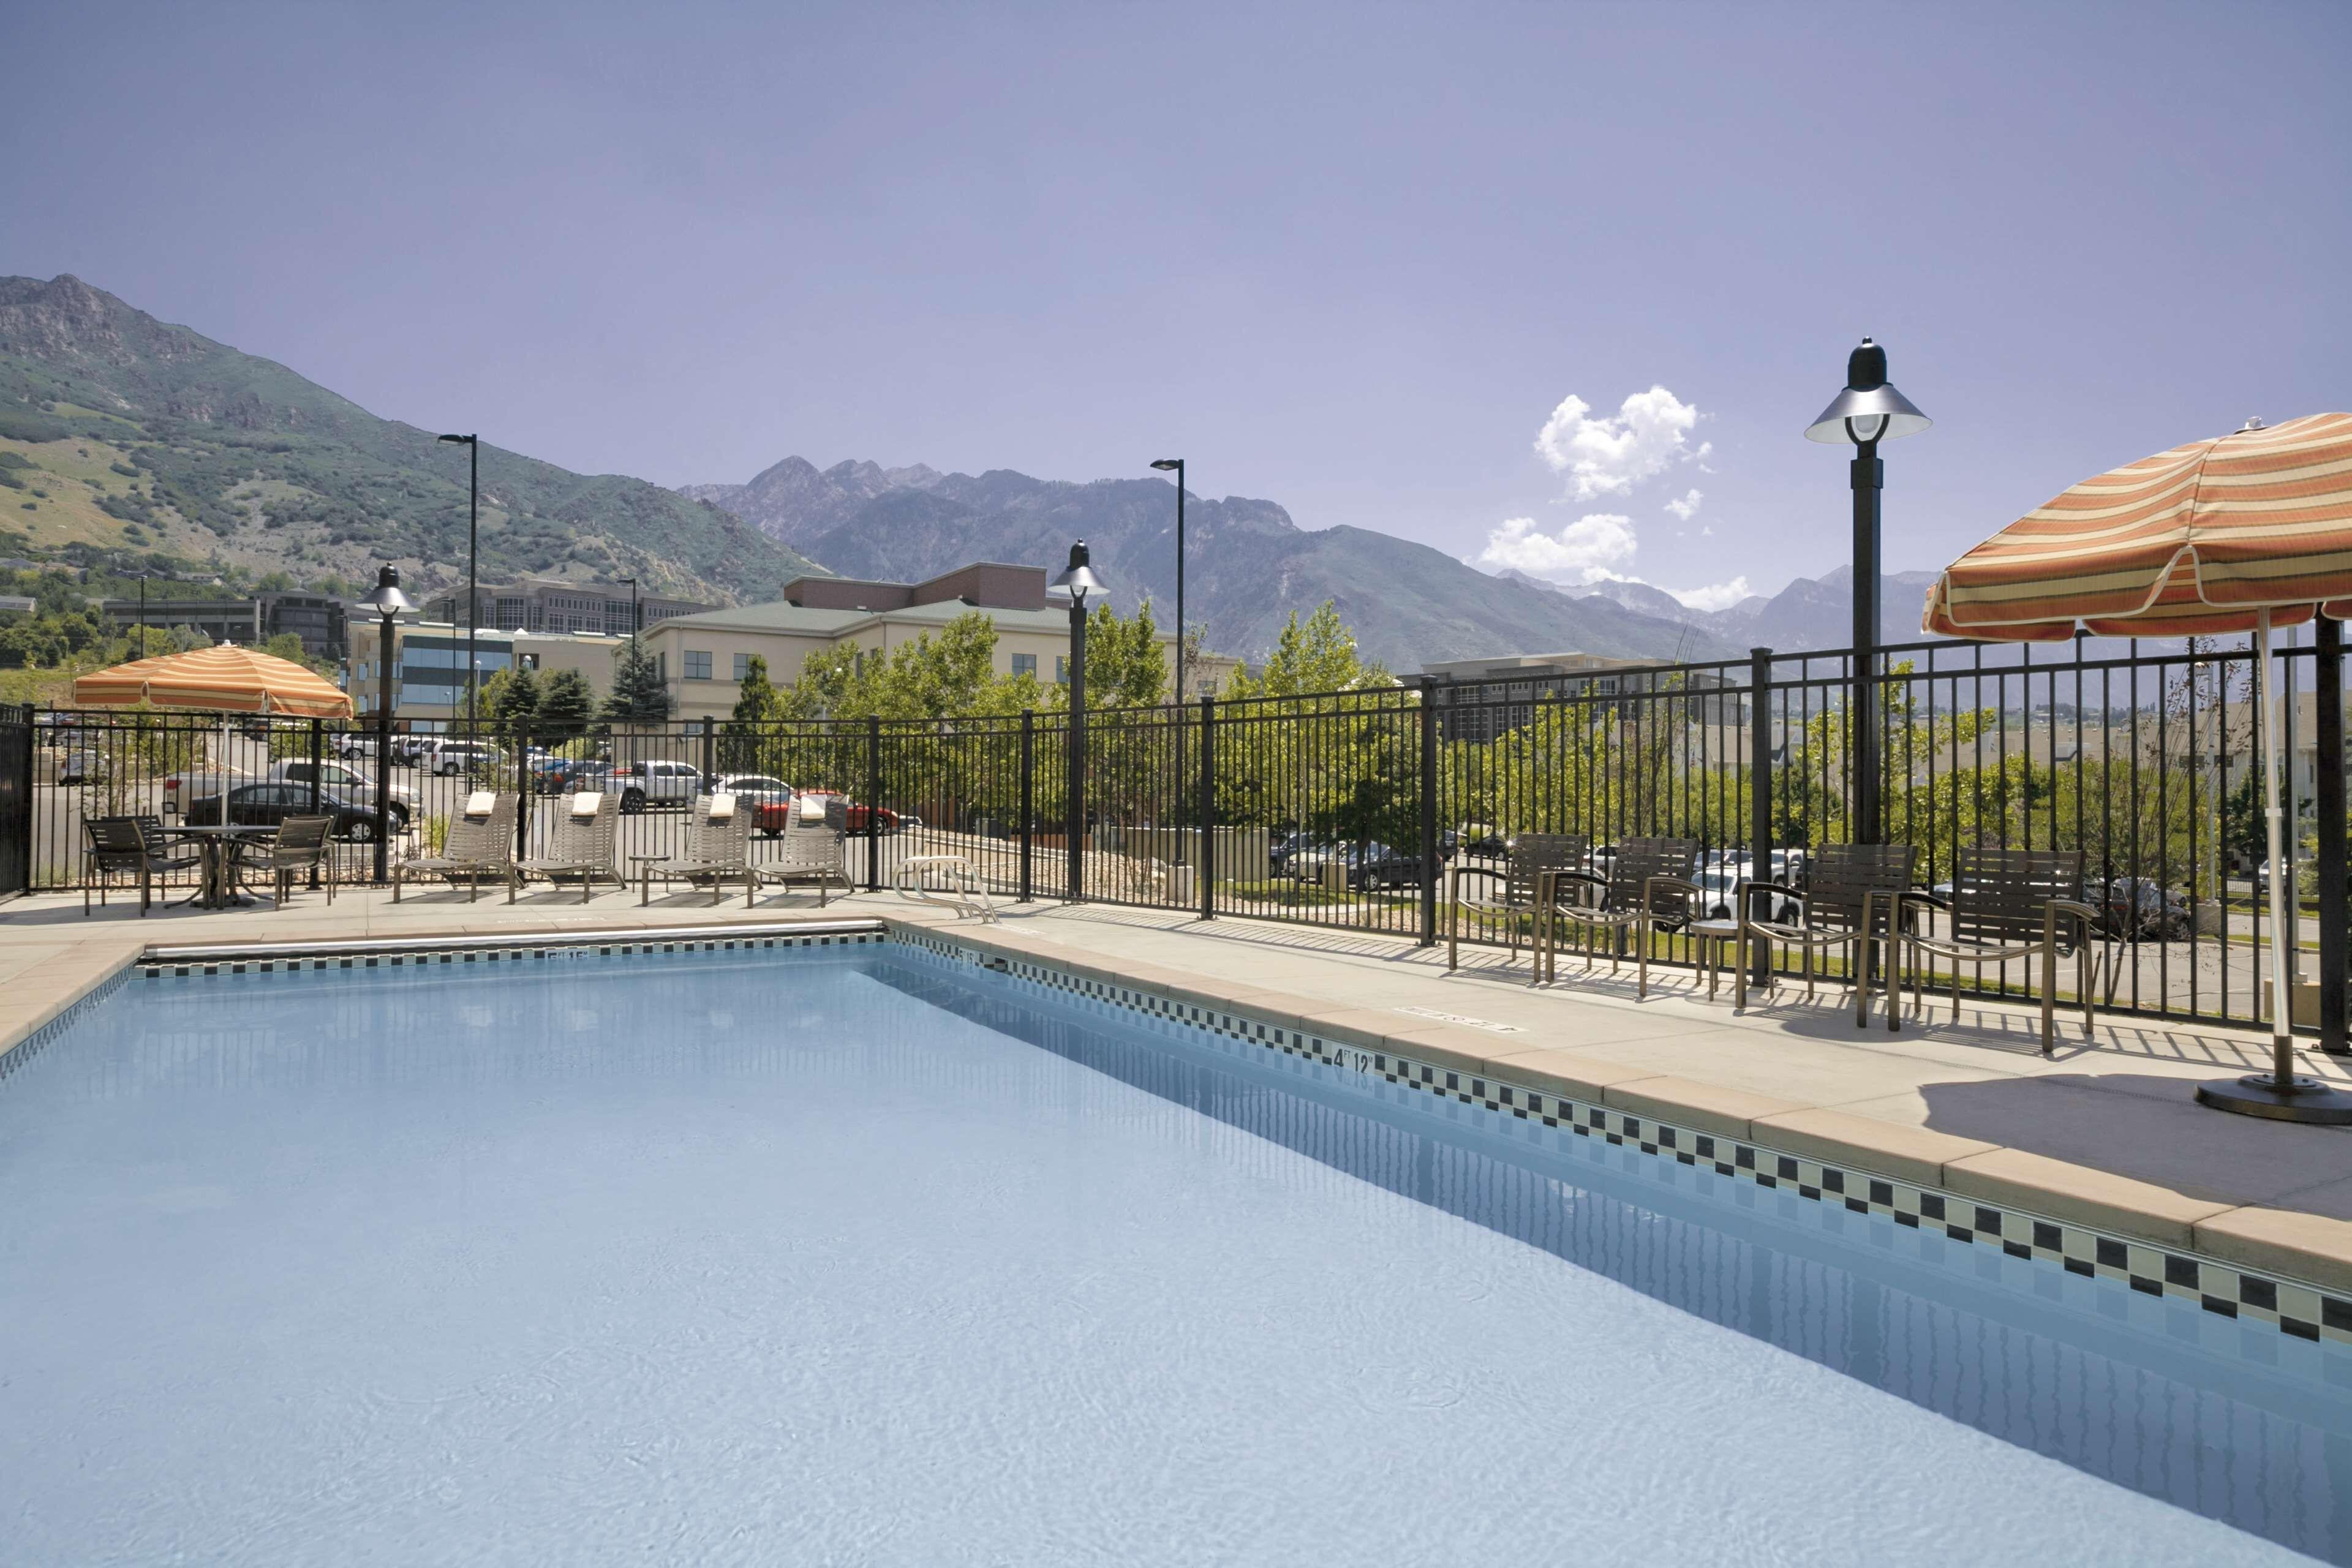 Courtesy of Hyatt Place Salt Lake City/Cottonwood / Expedia